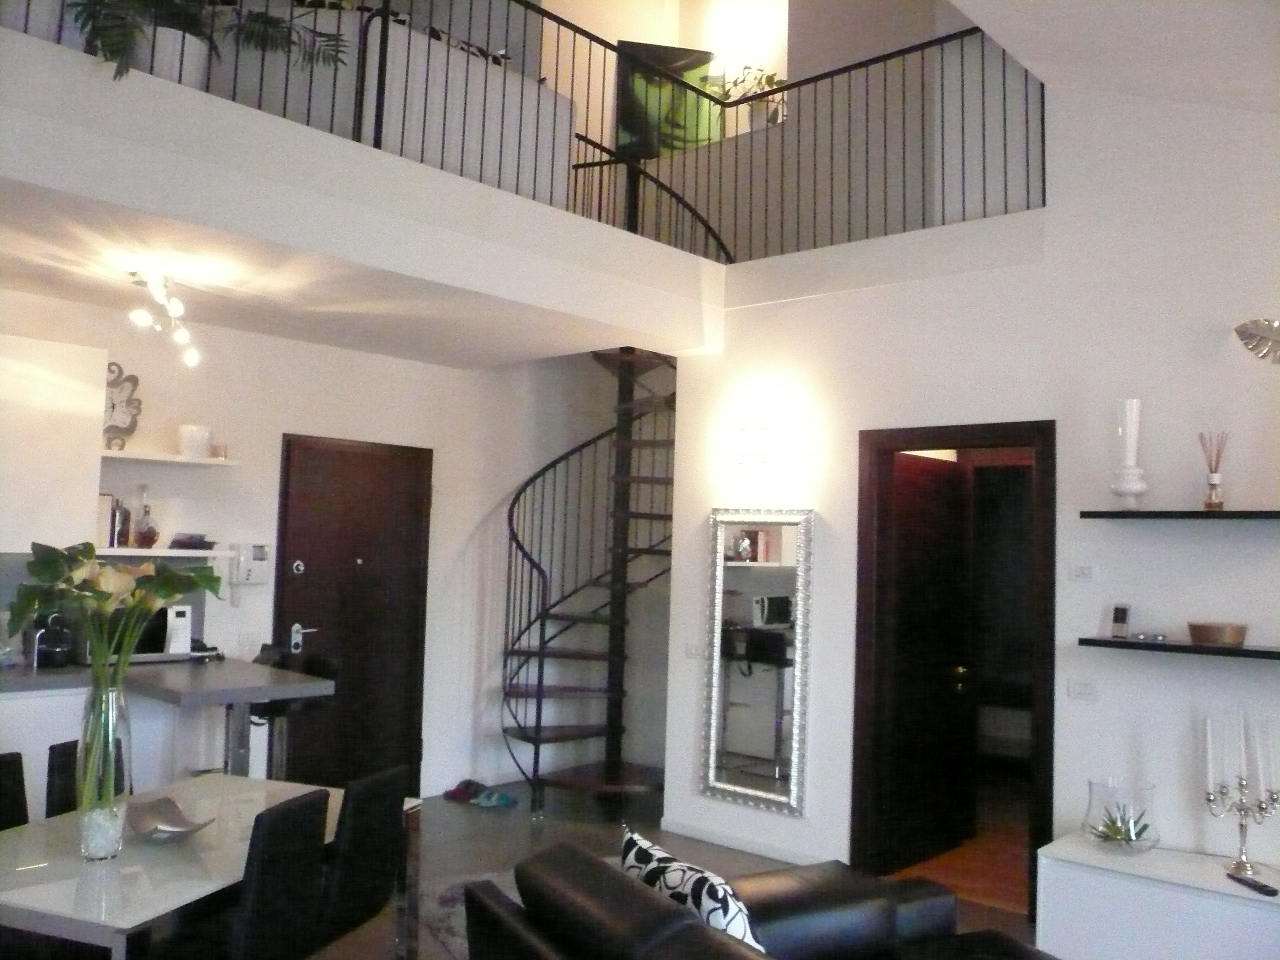 Appartamento in vendita a Zero Branco, 4 locali, prezzo € 215.000 | CambioCasa.it